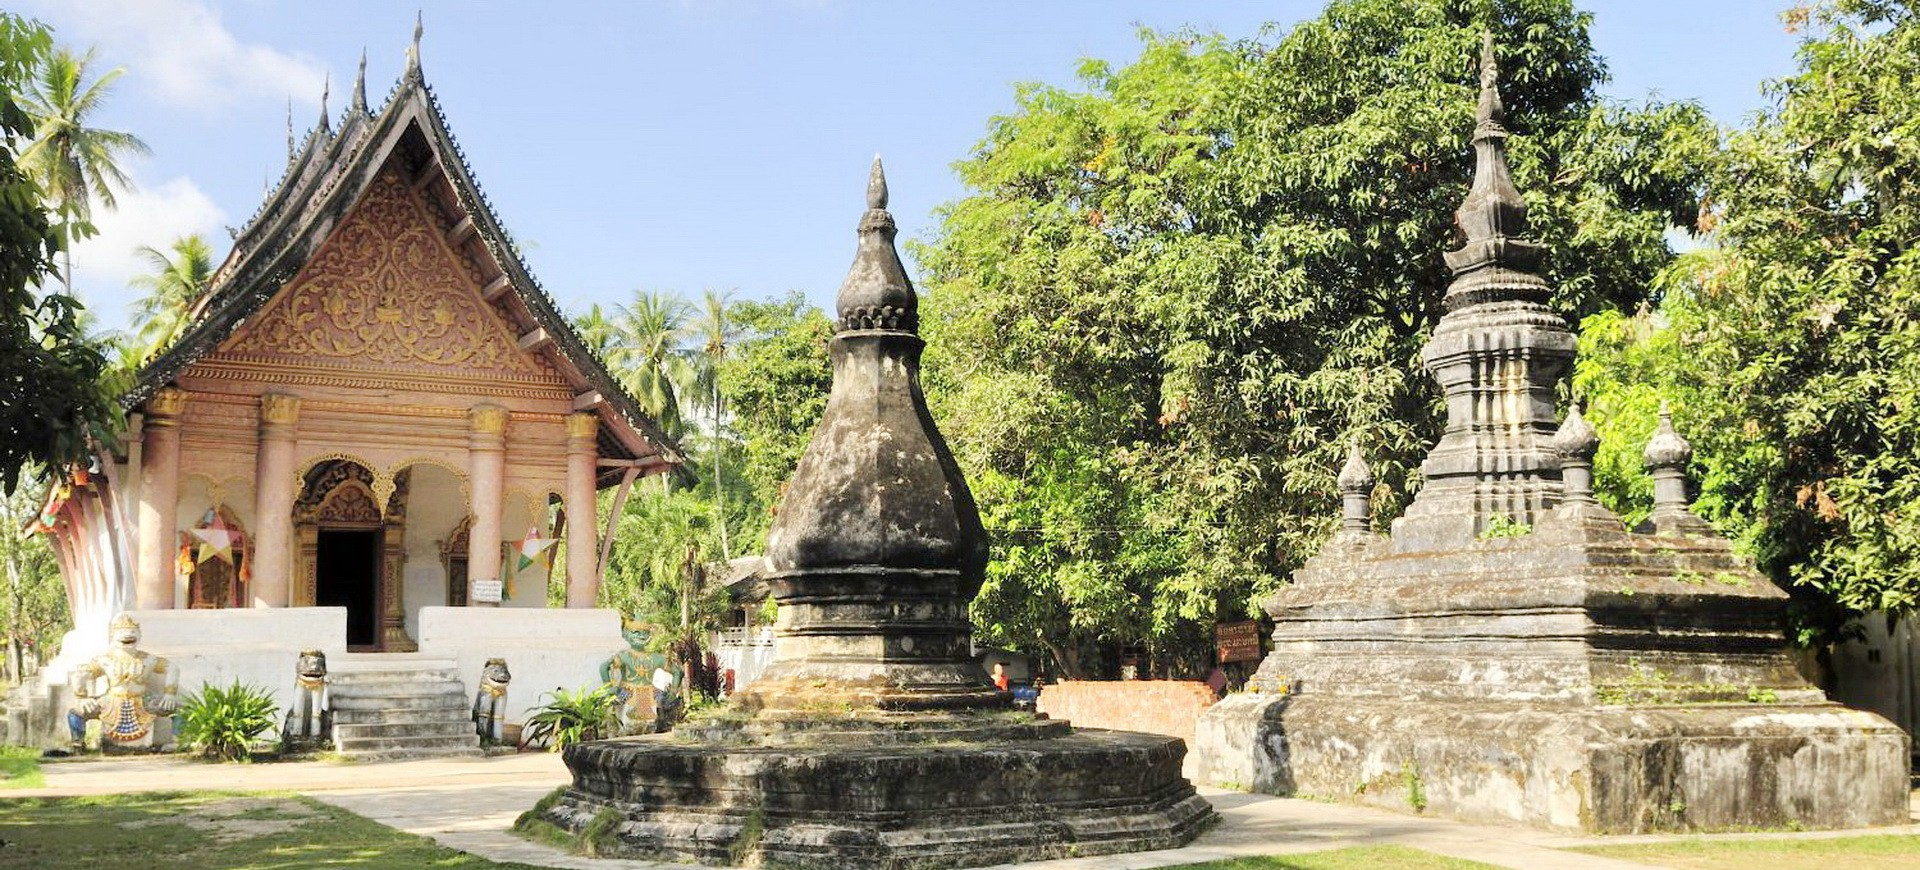 Laos Luang Prabang Wat Aham